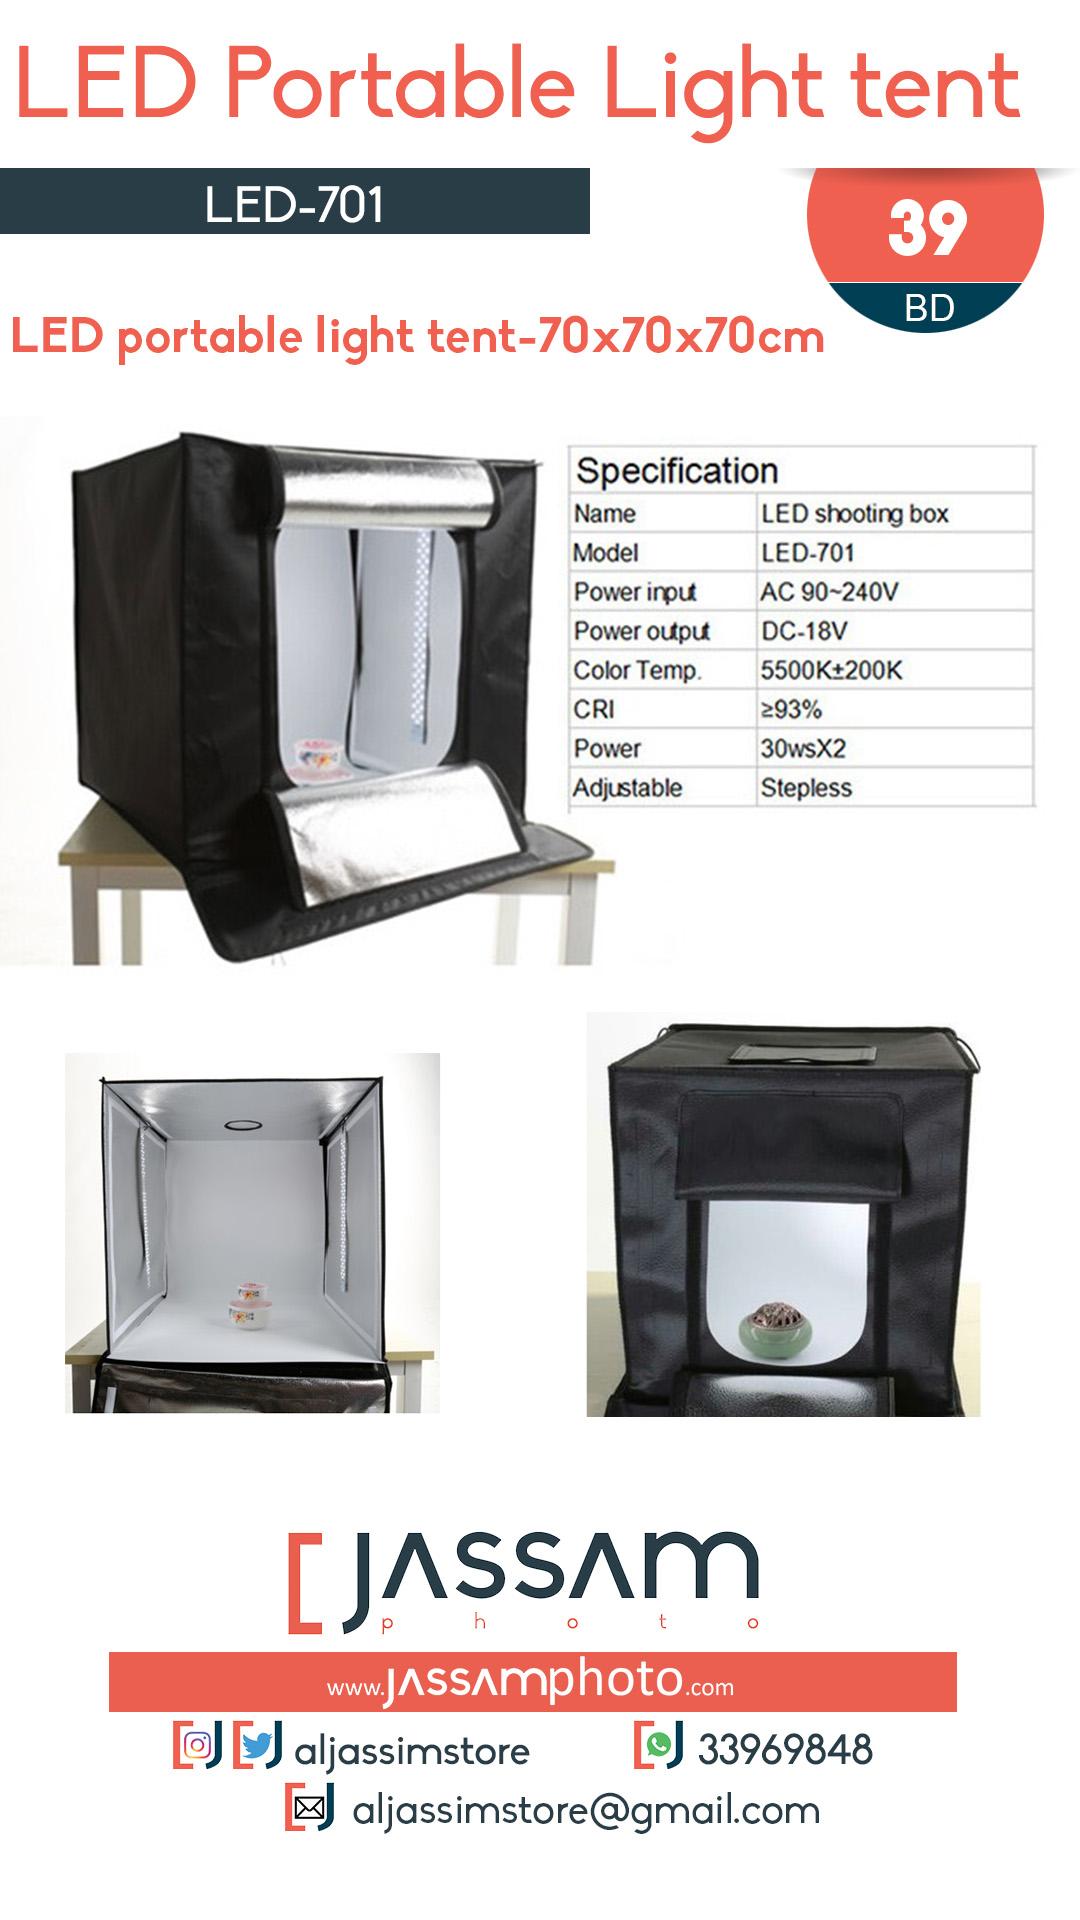 LED-701 Portable Light Tent